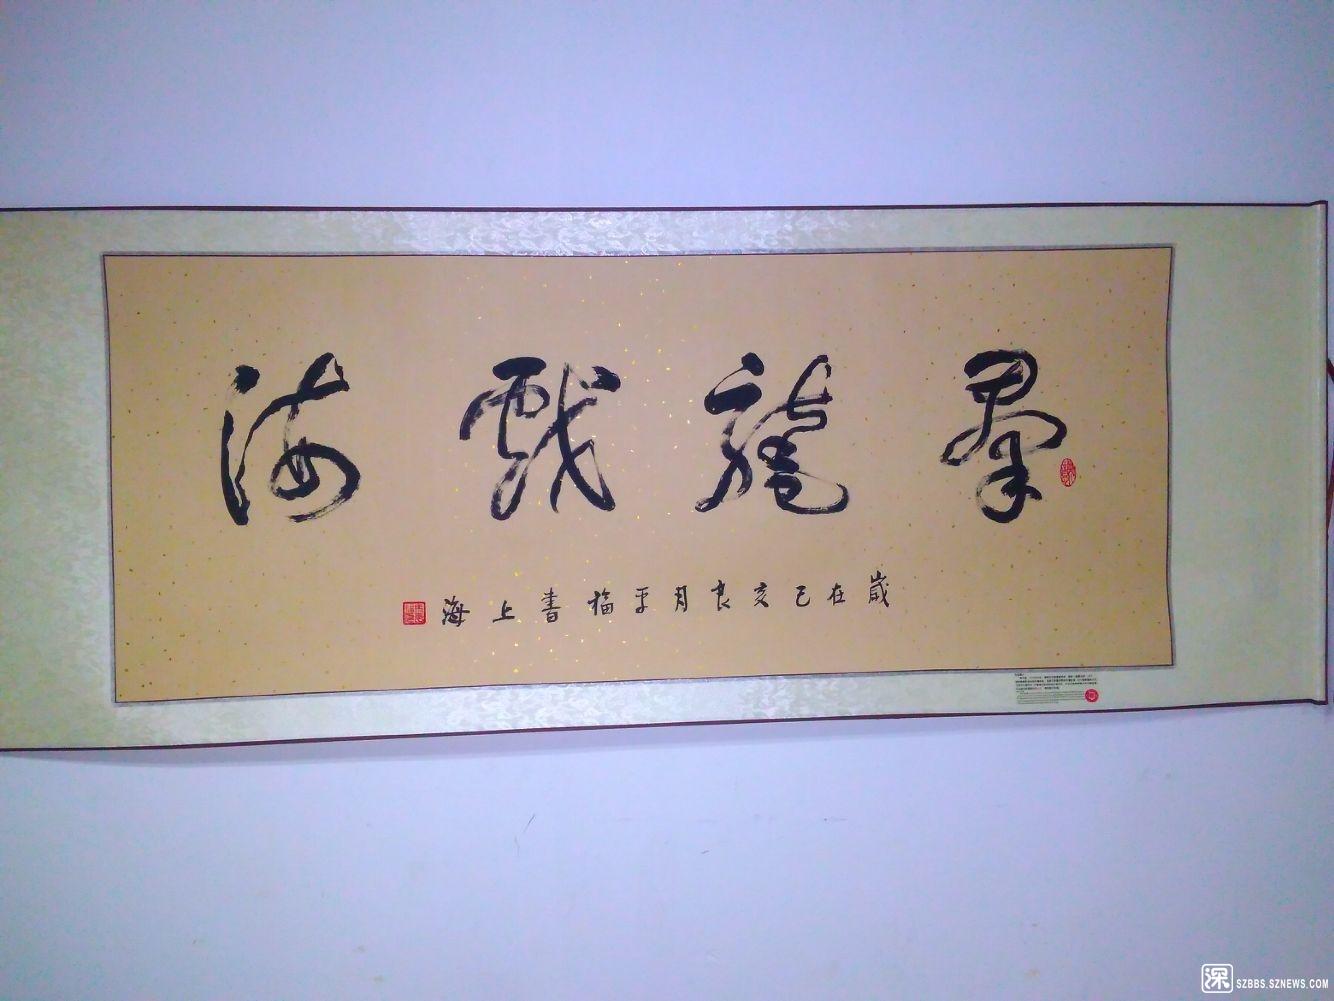 马平福 国际知名书画家 收藏级艺术品2156.jpg